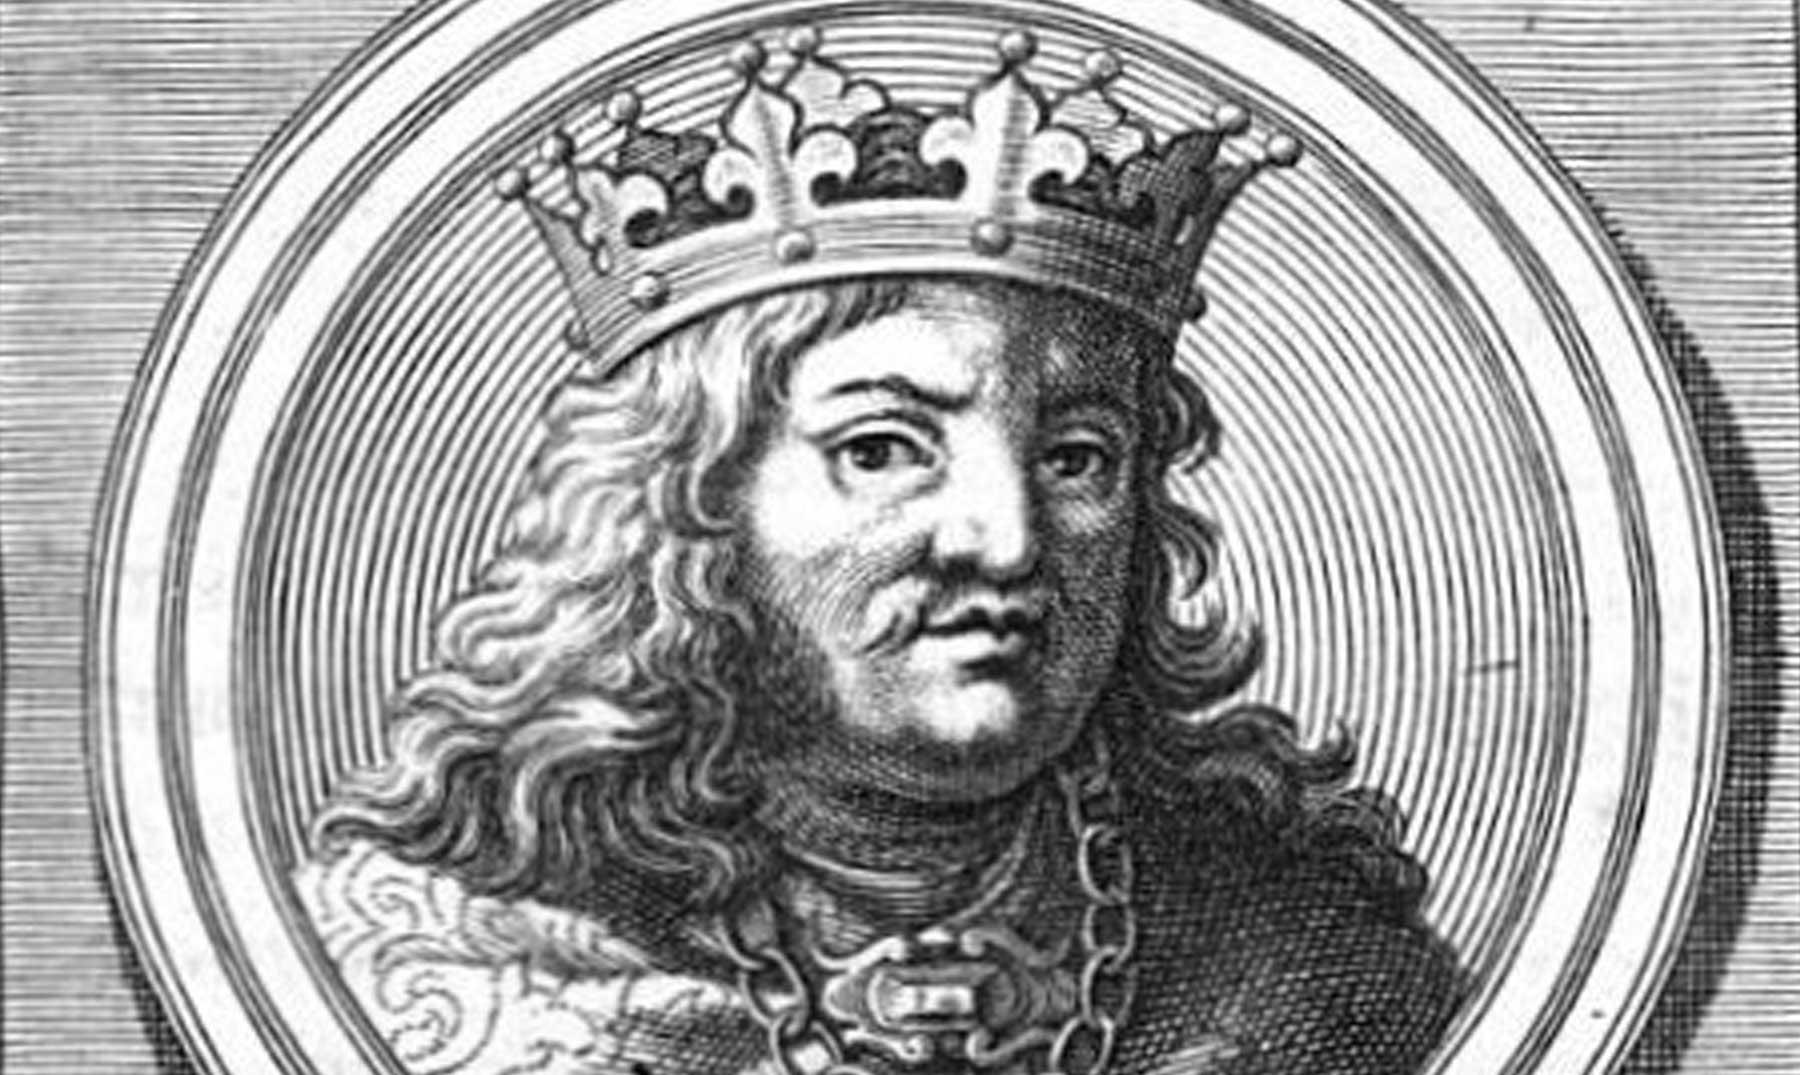 El rey que fue destronado por su obesidad